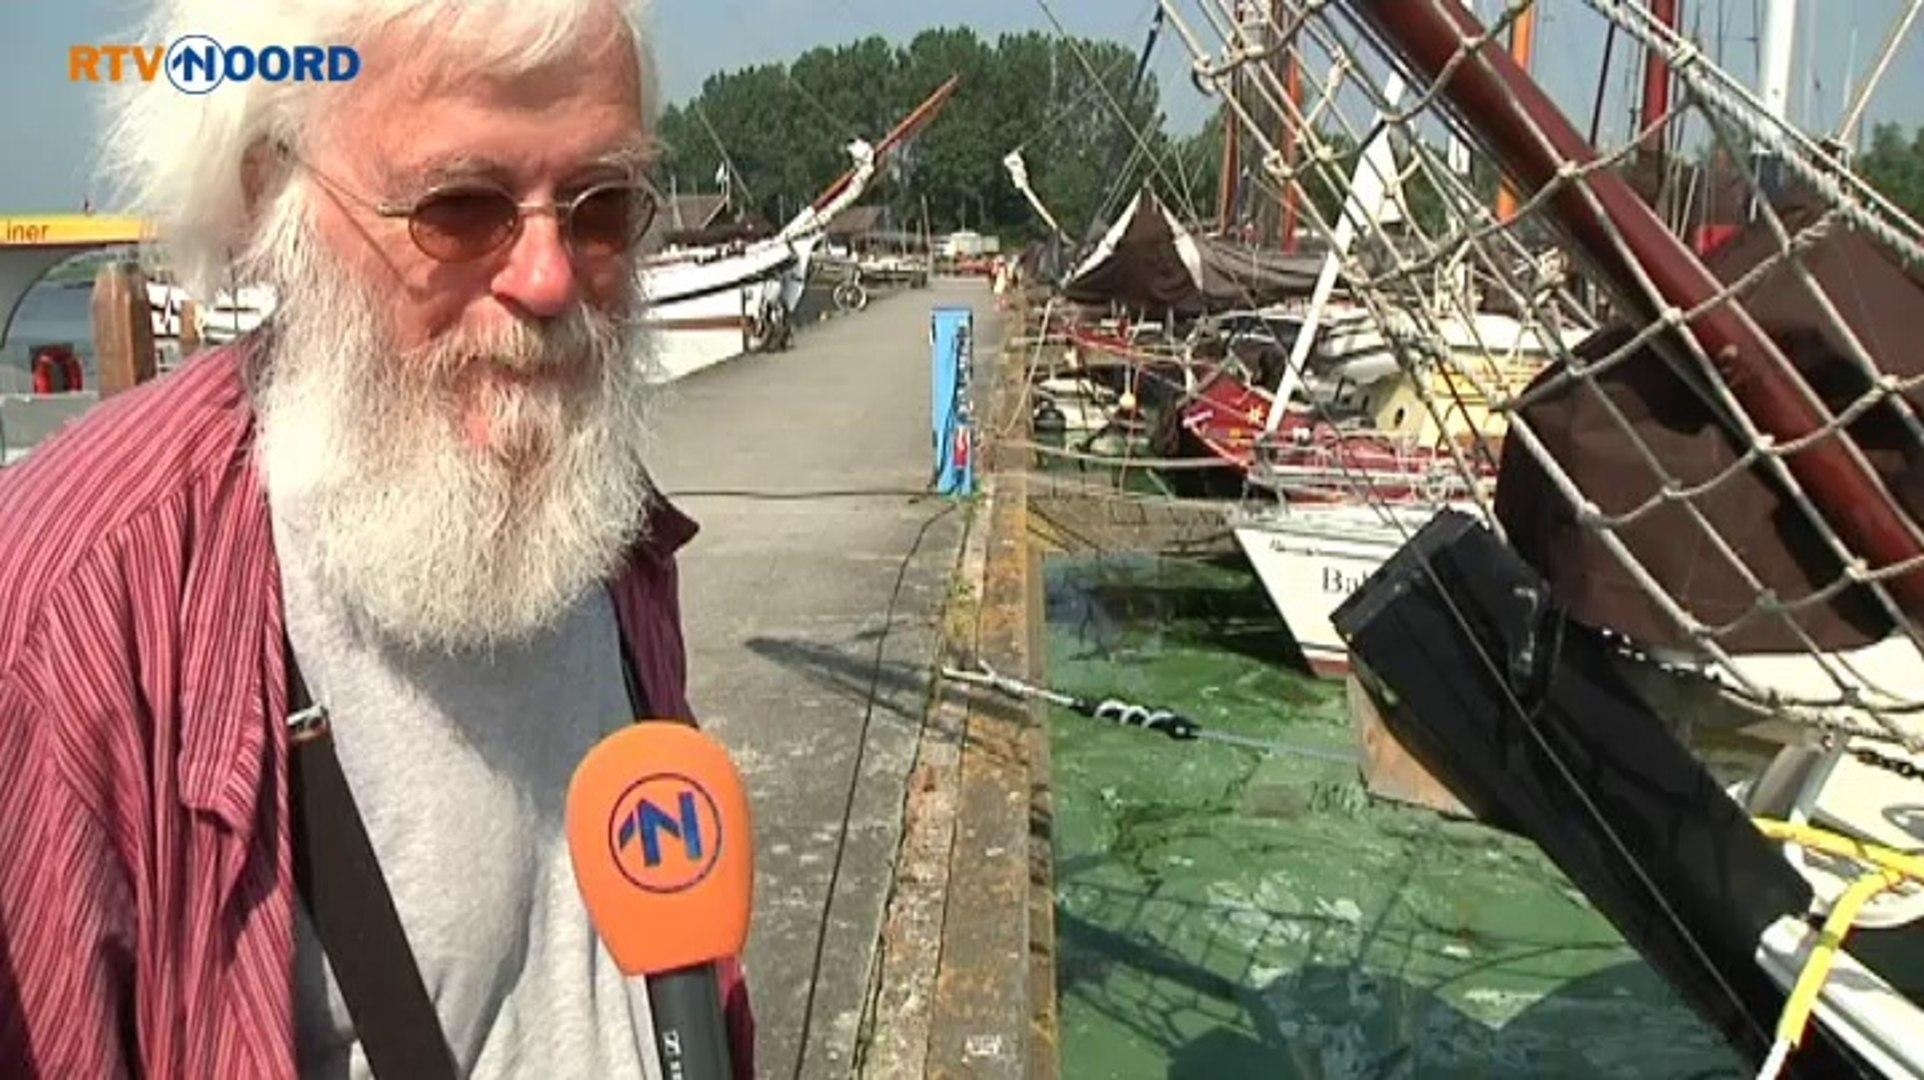 Extra boenen op boten door blauwalg - RTV Noord